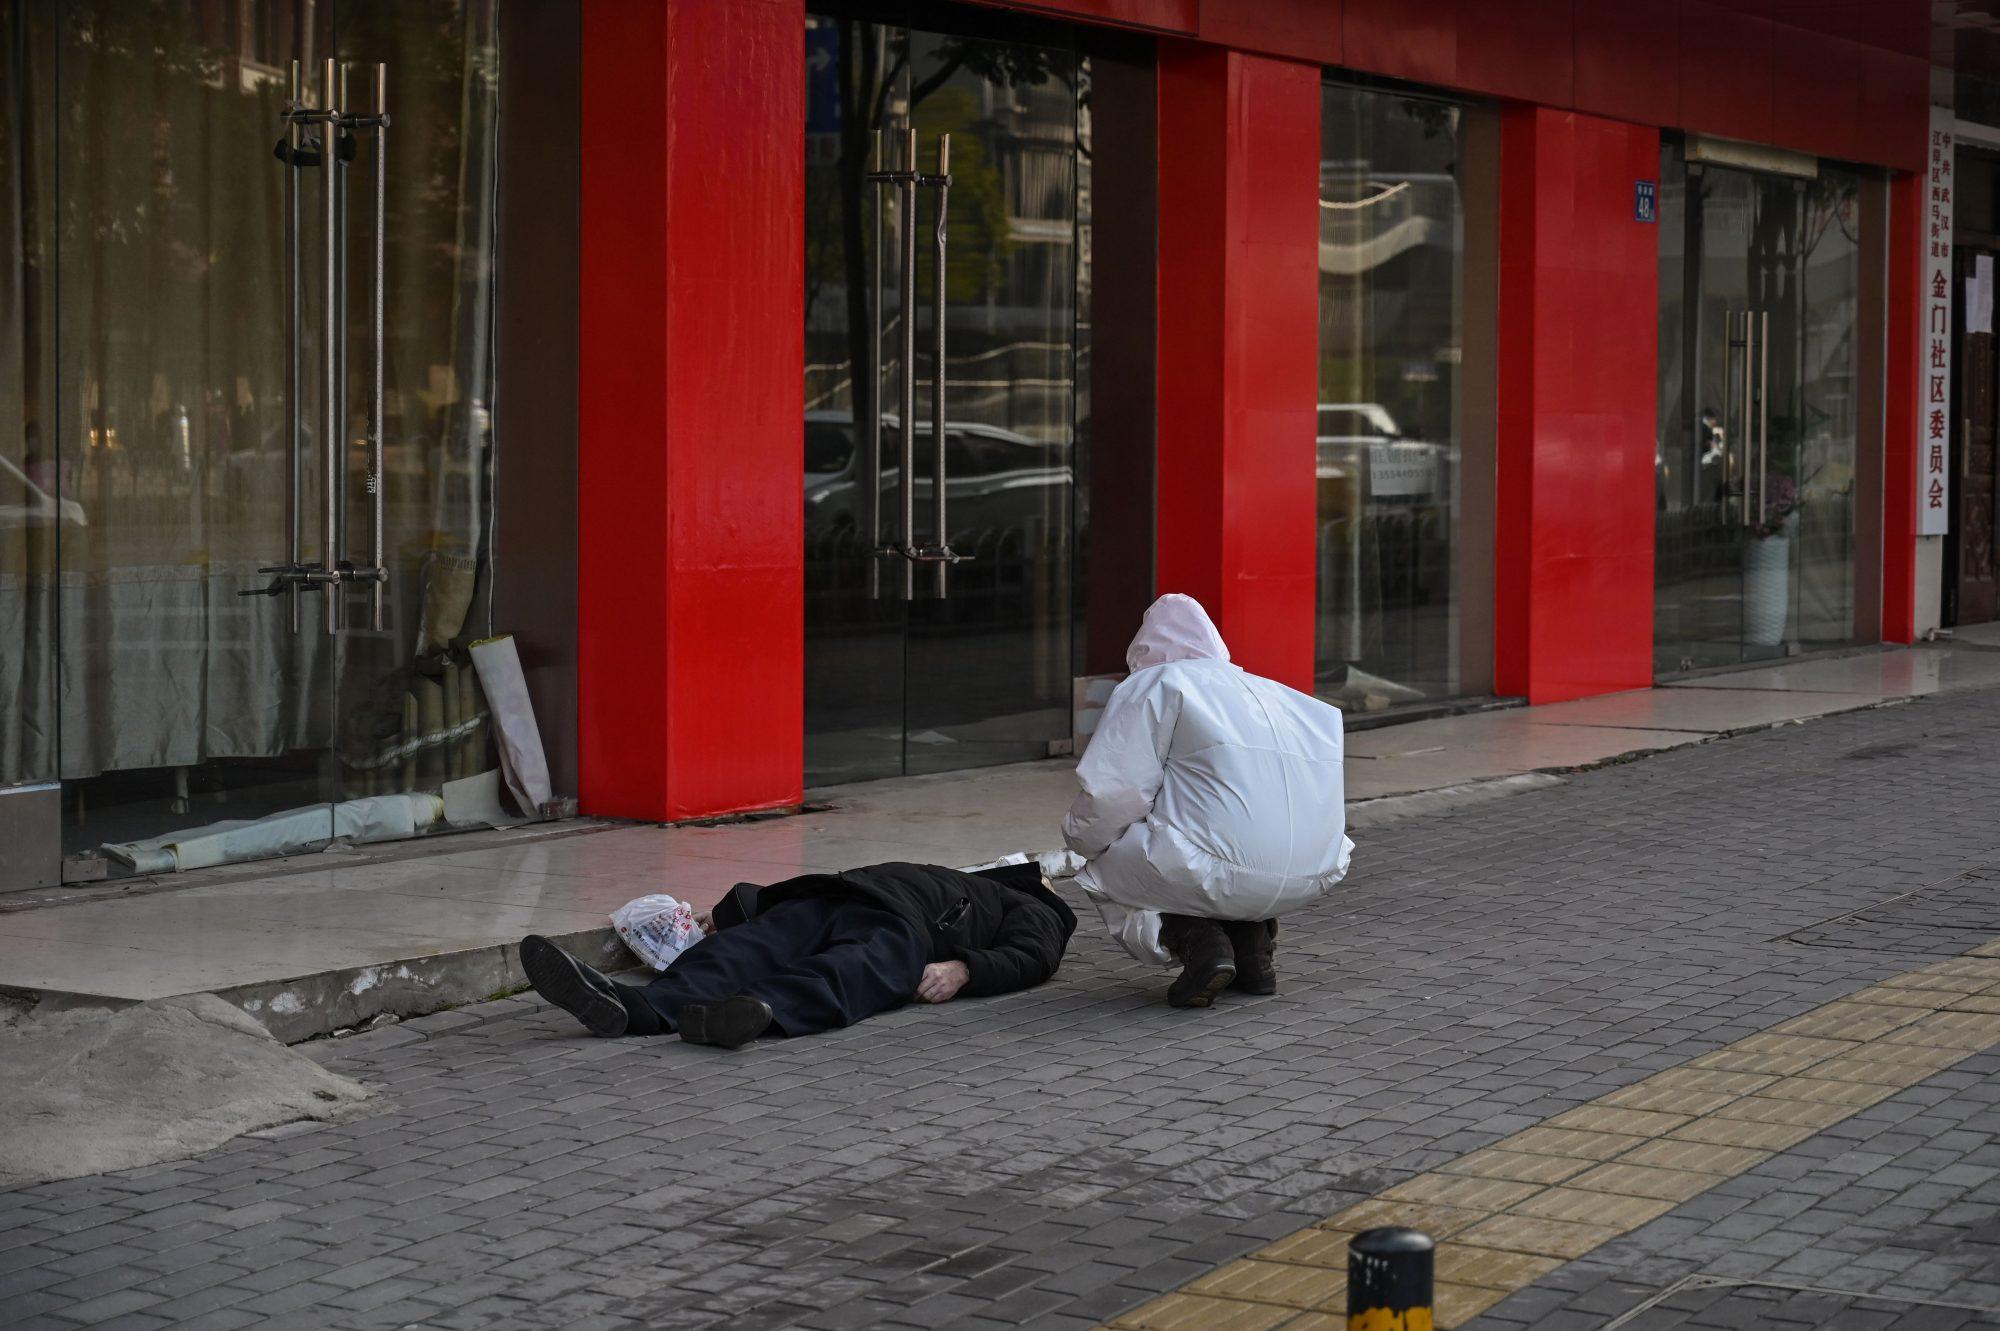 corona-virus-man-dead-on-floor.jpg